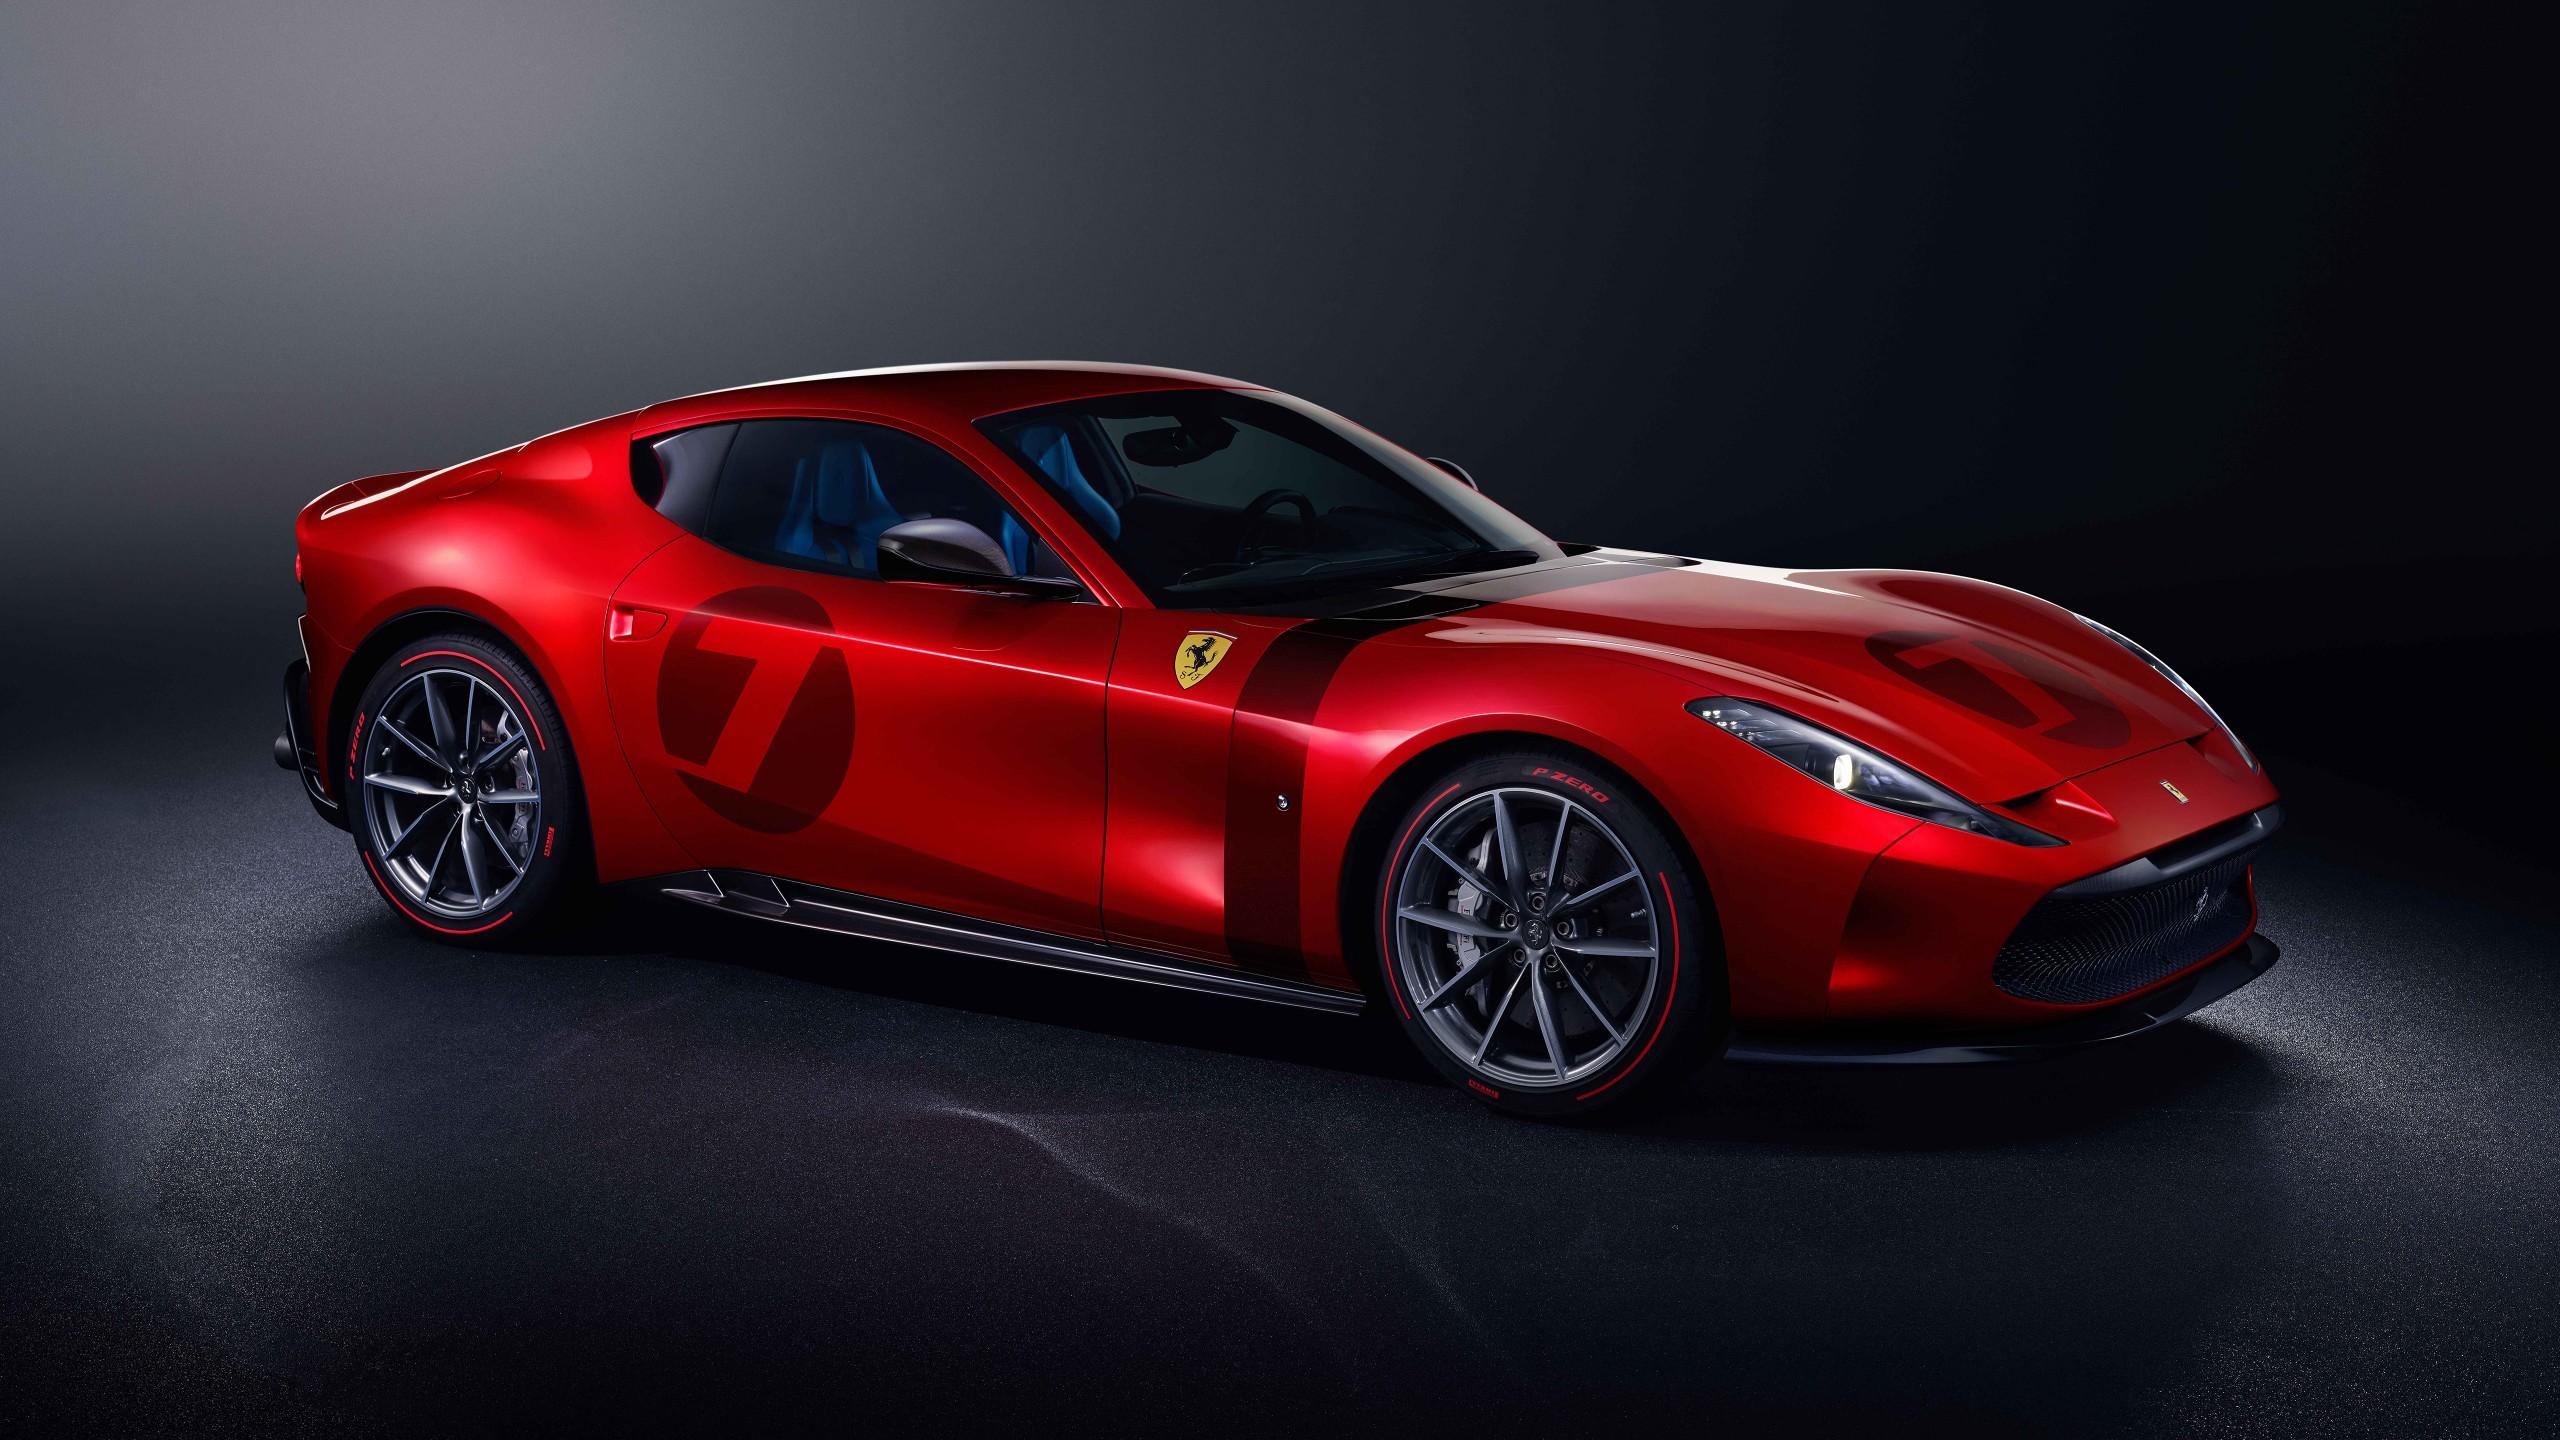 Ferrari Omologata 2020 5K Wallpaper | HD Car Wallpapers ...